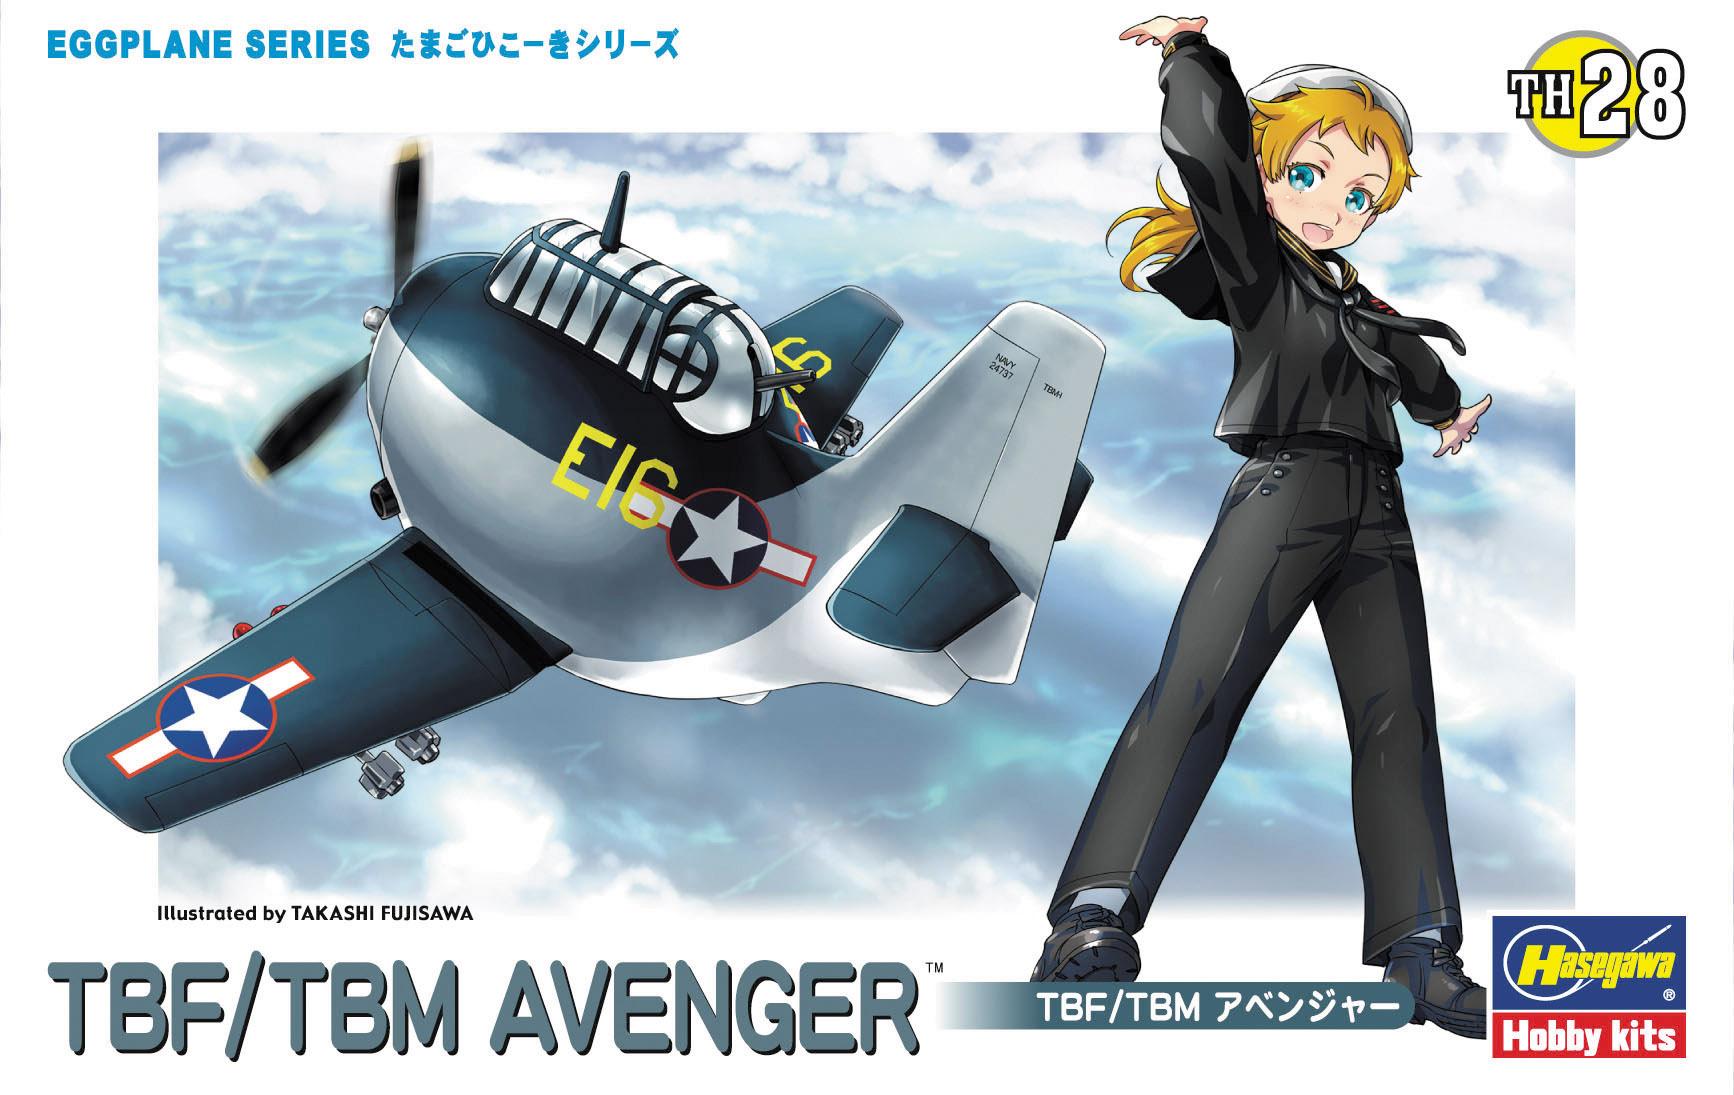 Hasegawa Eggplane Tbf/Tbm Avenger